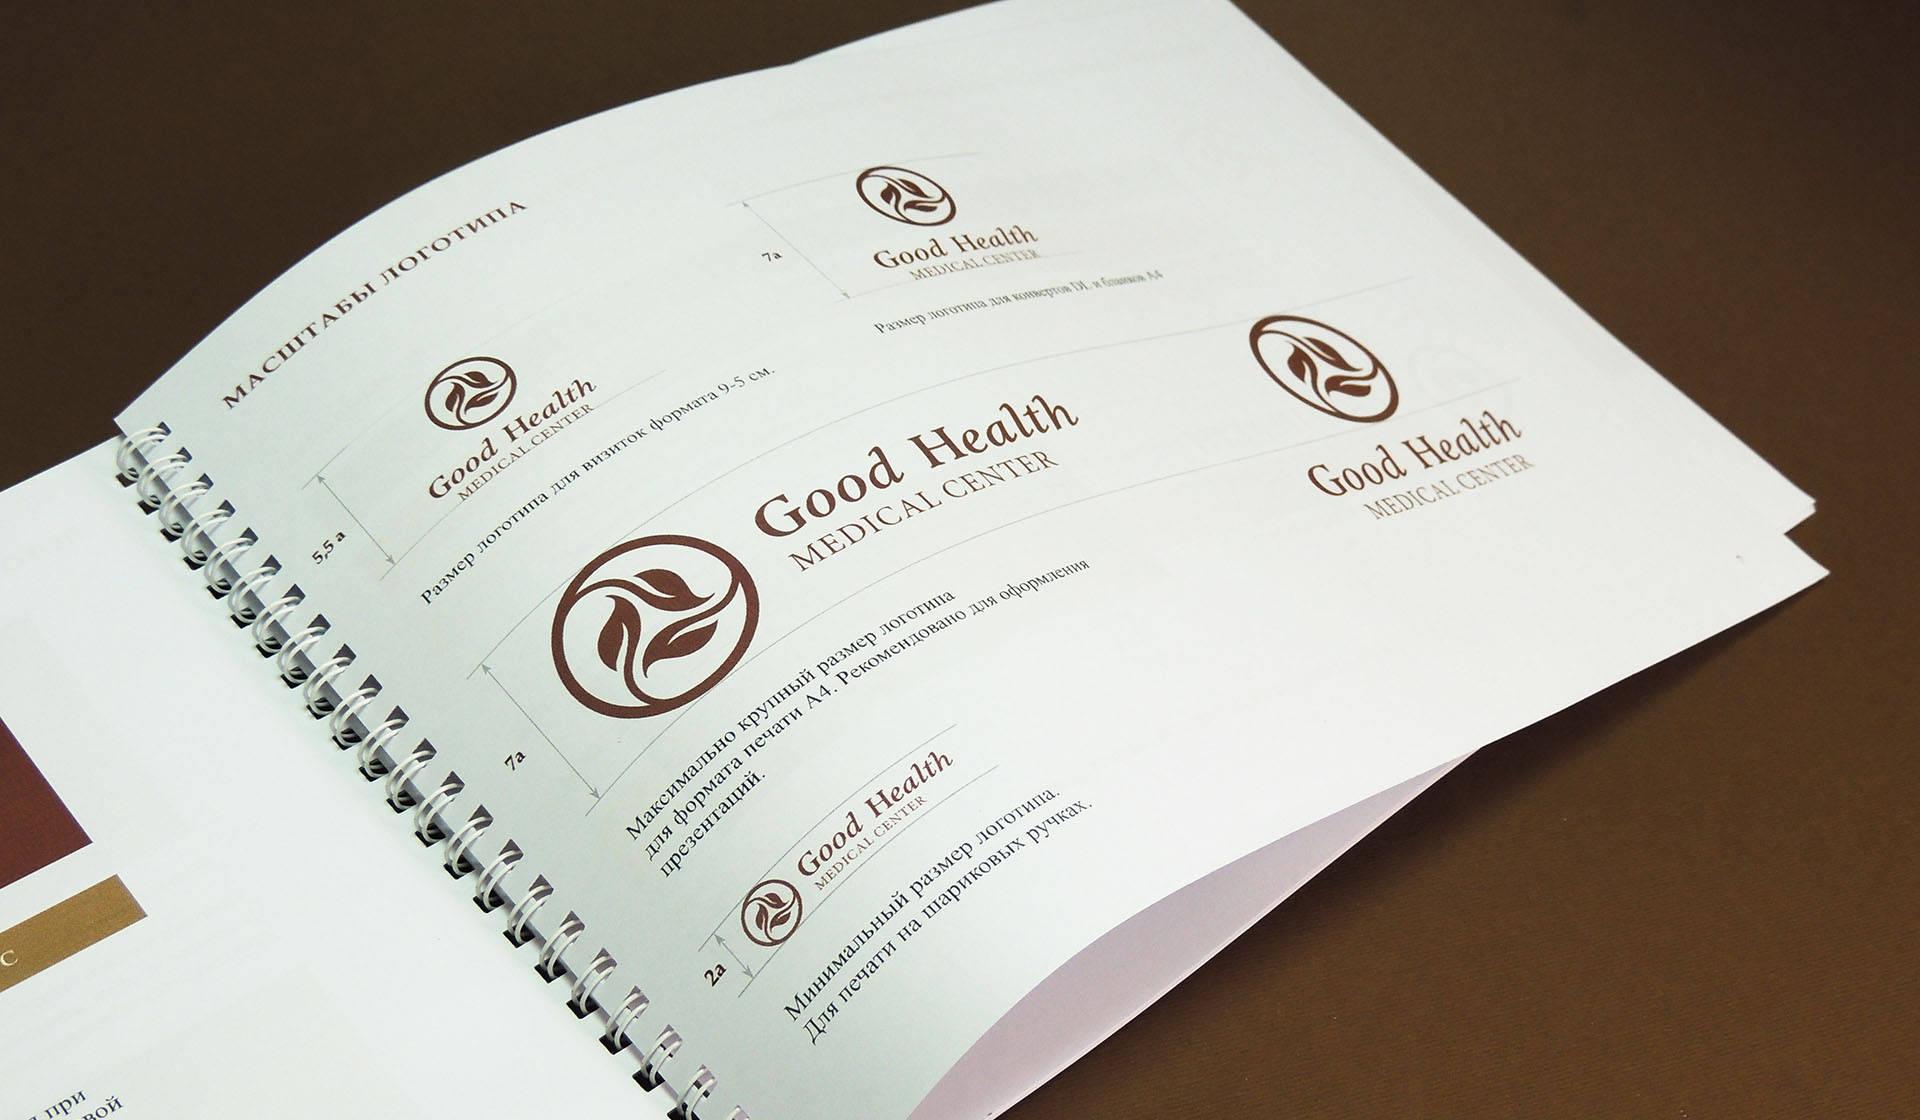 Брендбук медицинской клиники